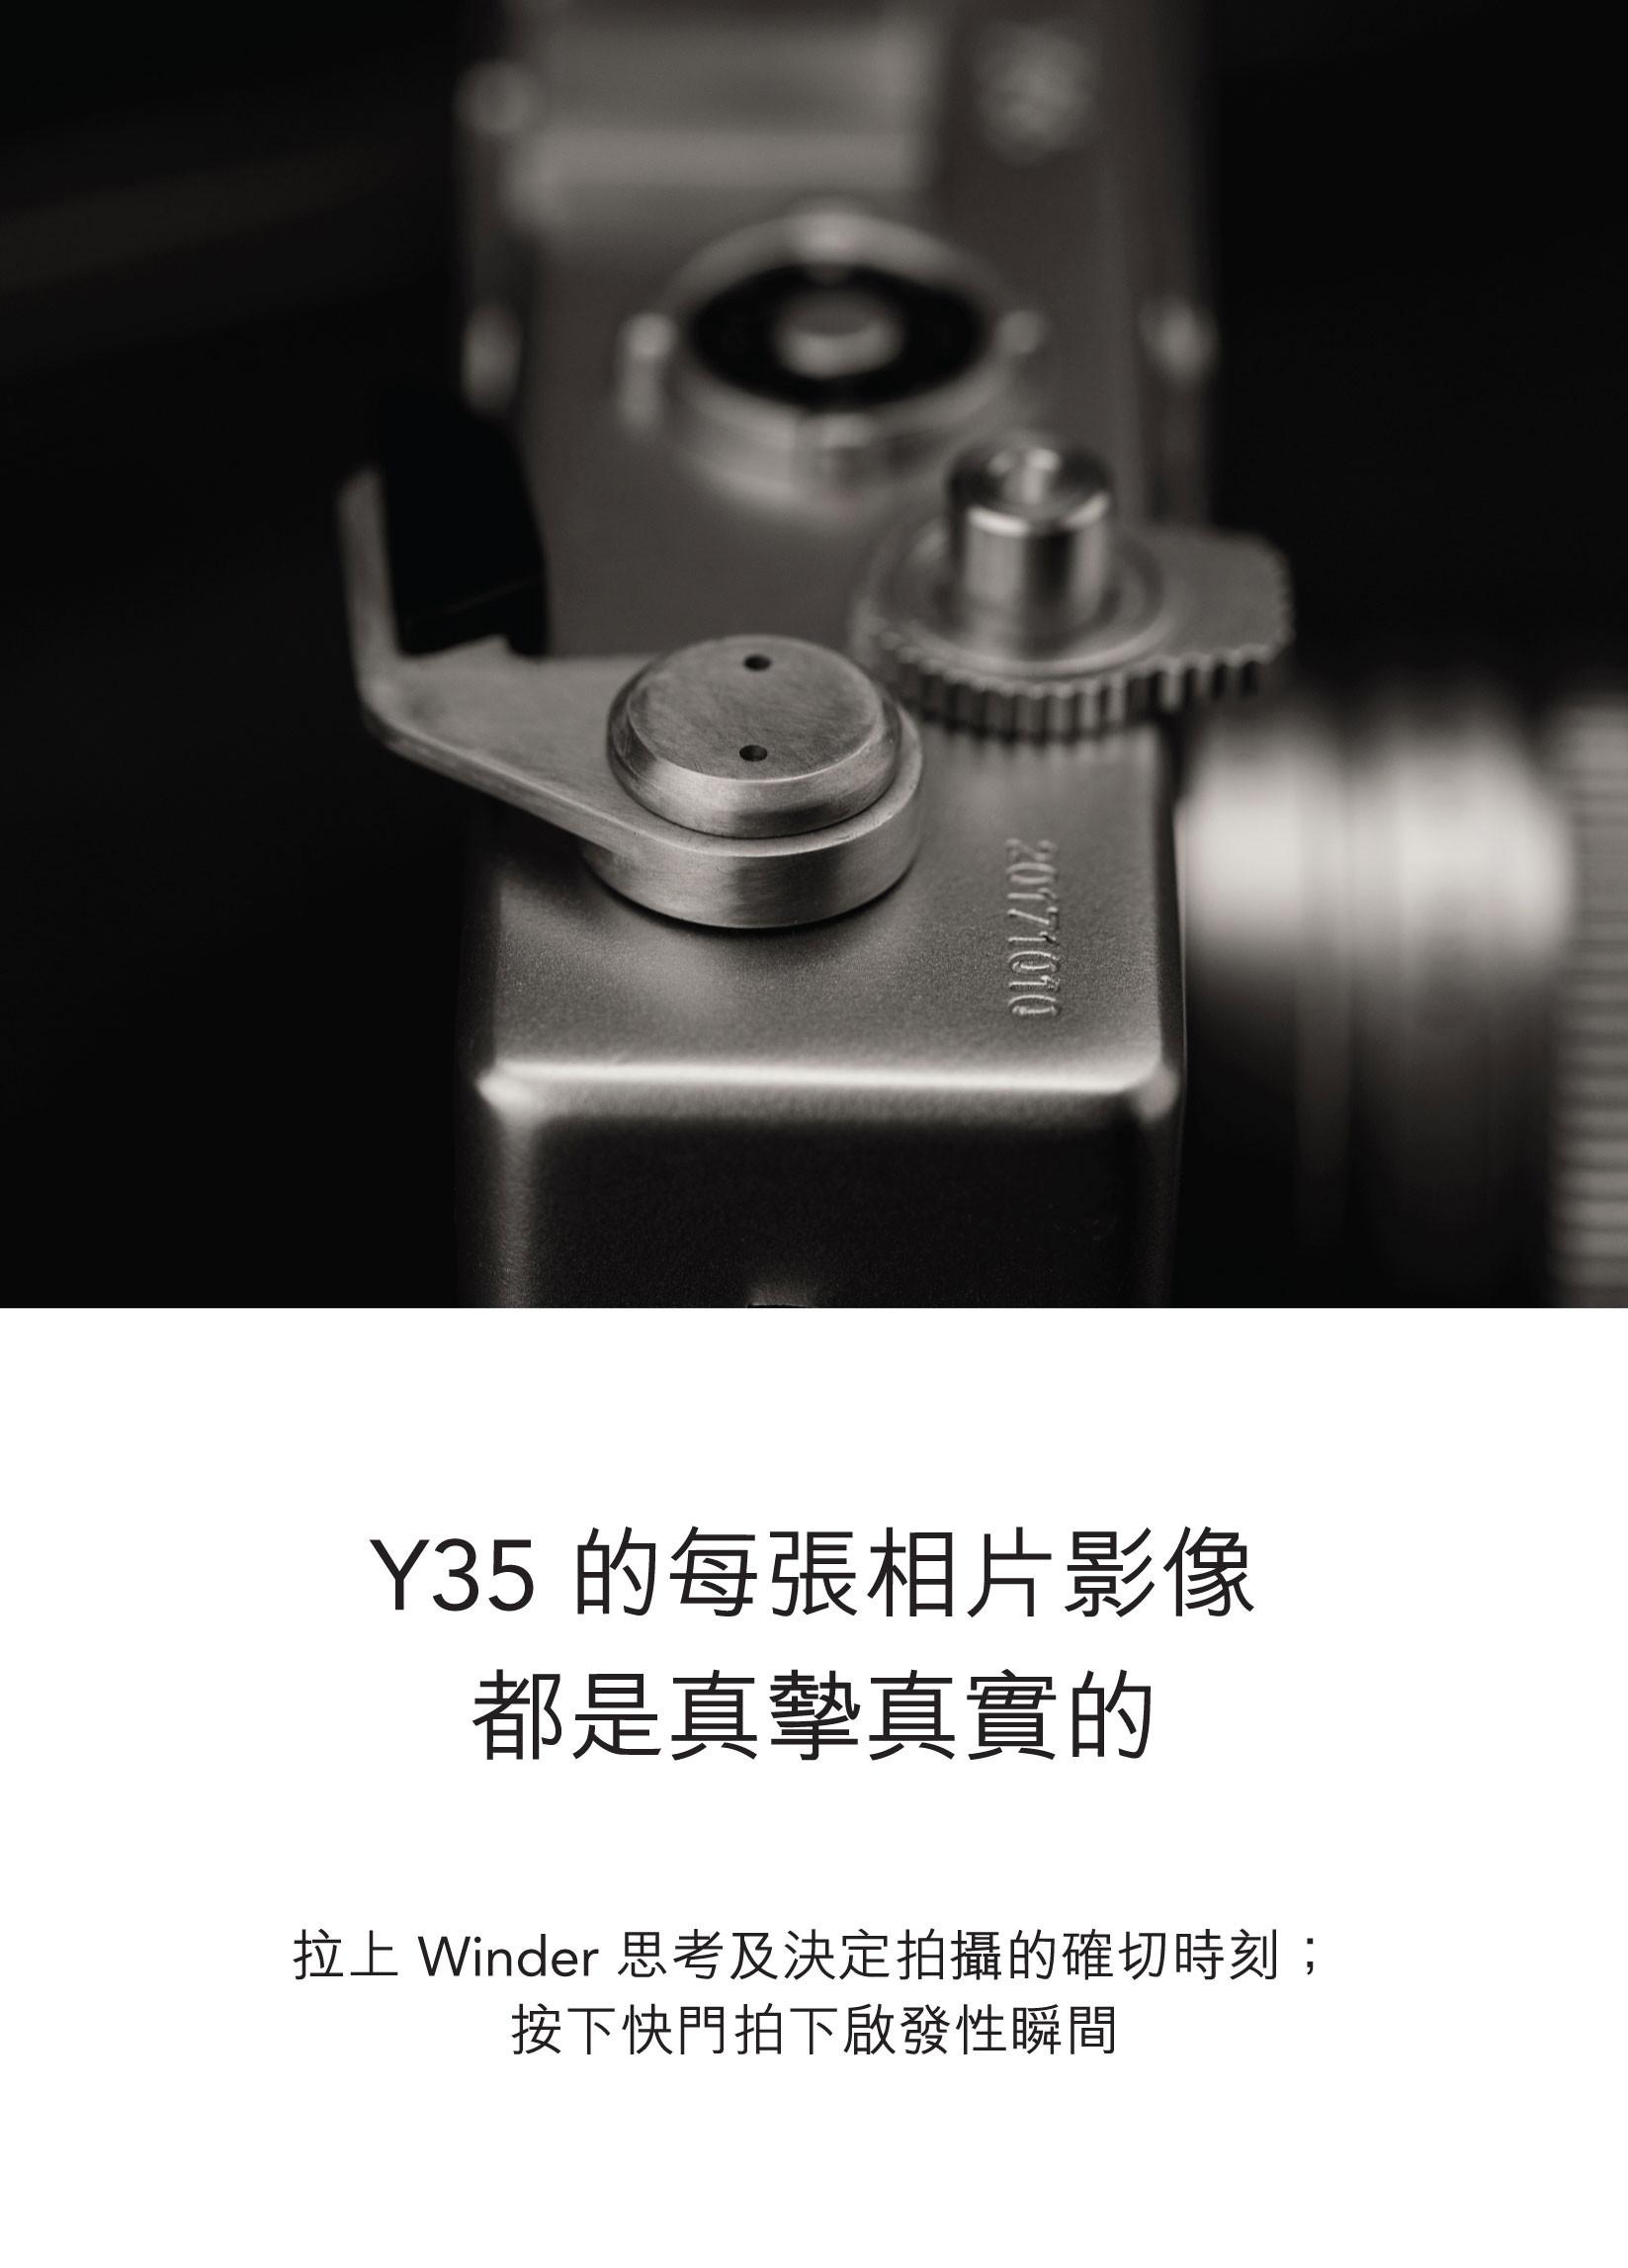 JD-Y35-HK_part-1-06.jpg